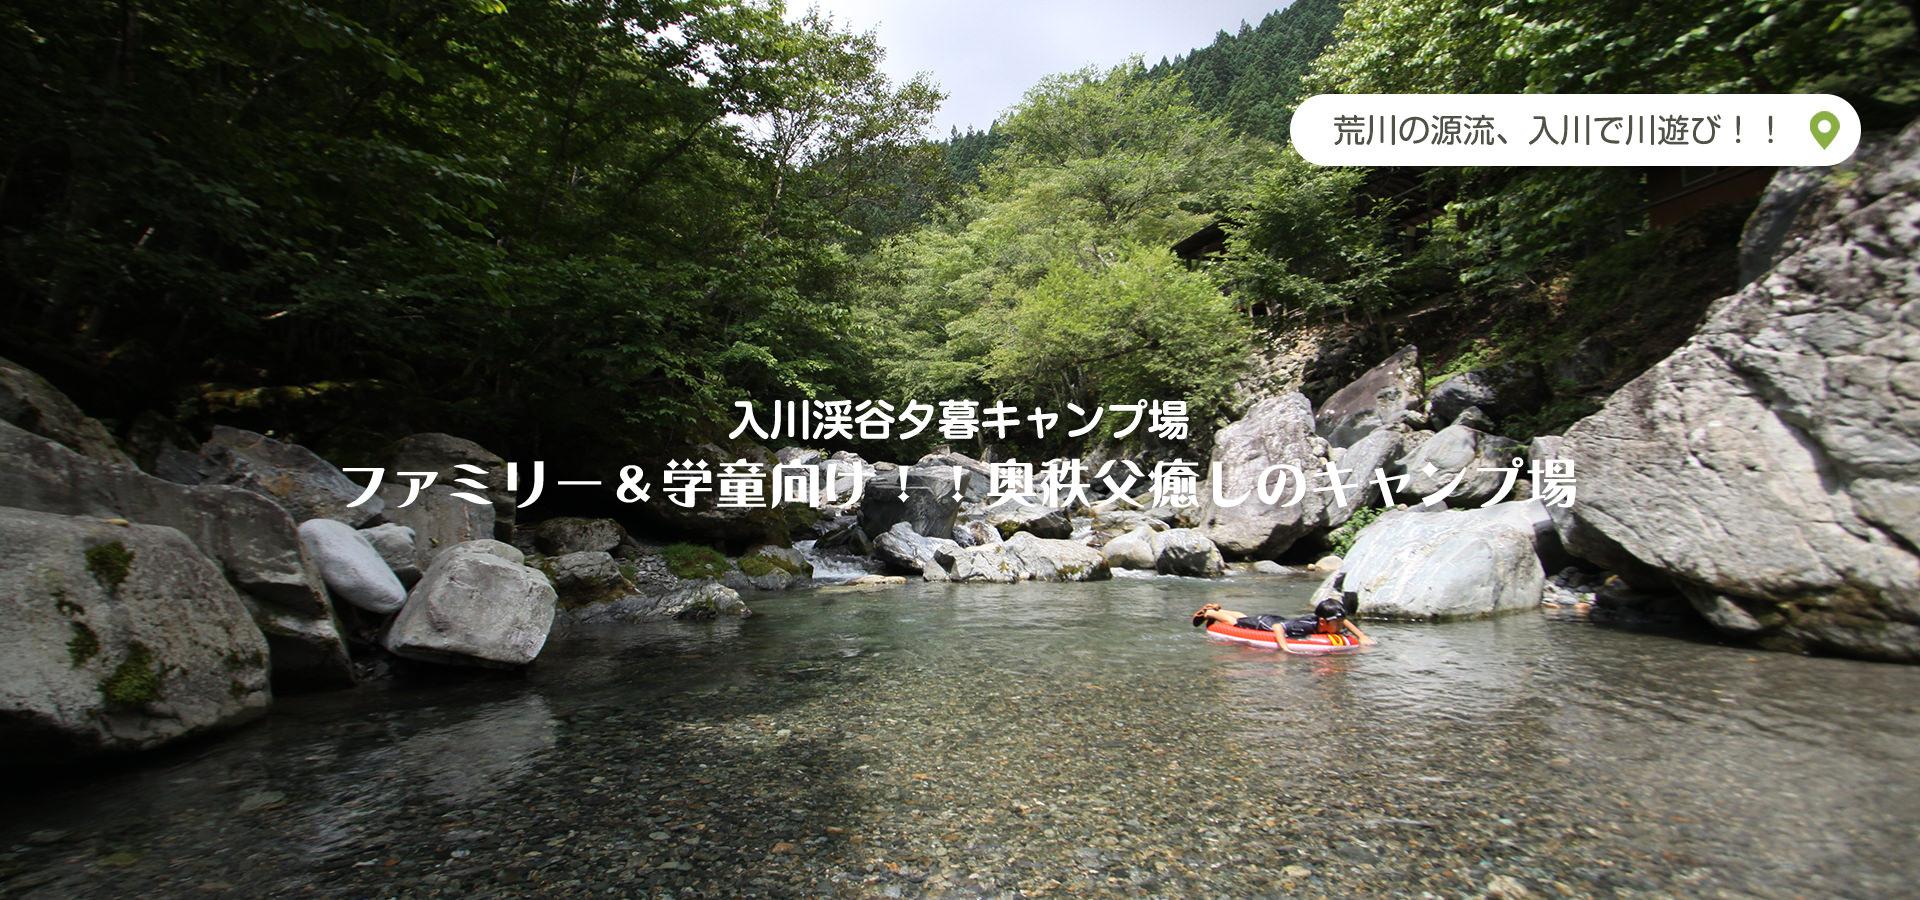 荒川の源流、入川で川遊び!!